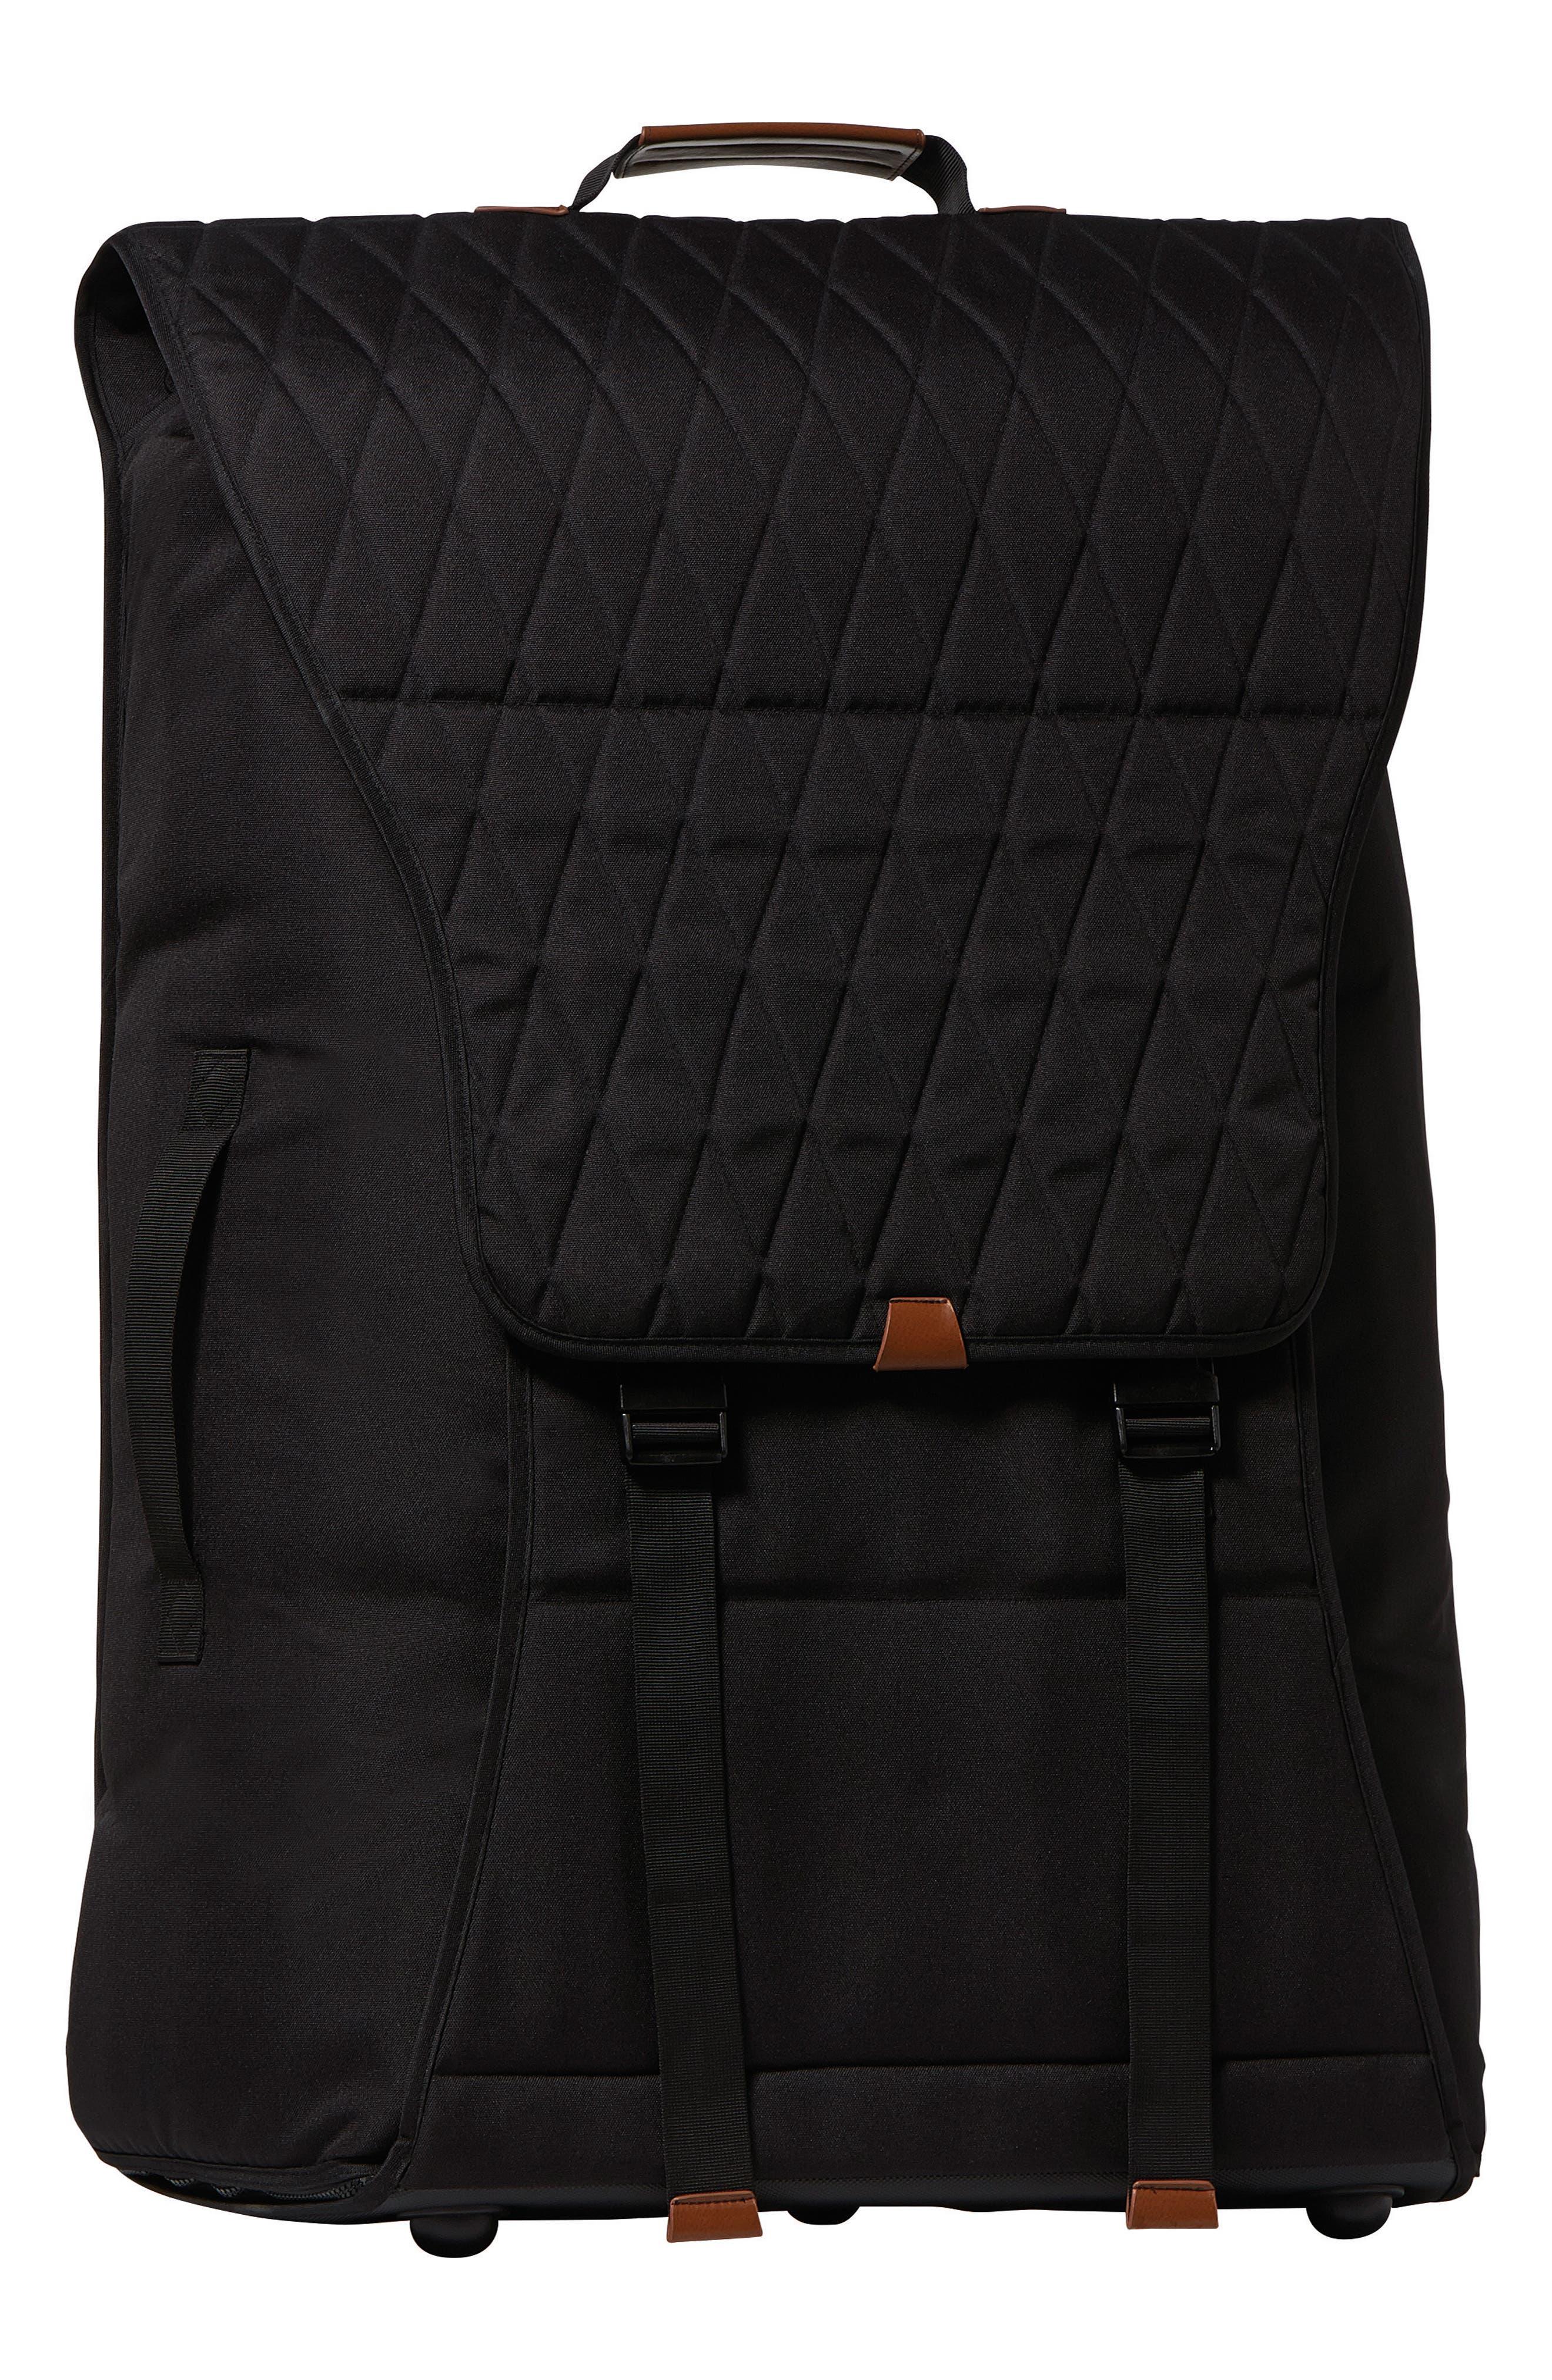 Alternate Image 1 Selected - Joolz Traveller Water-Resistant Stroller Travel Bag